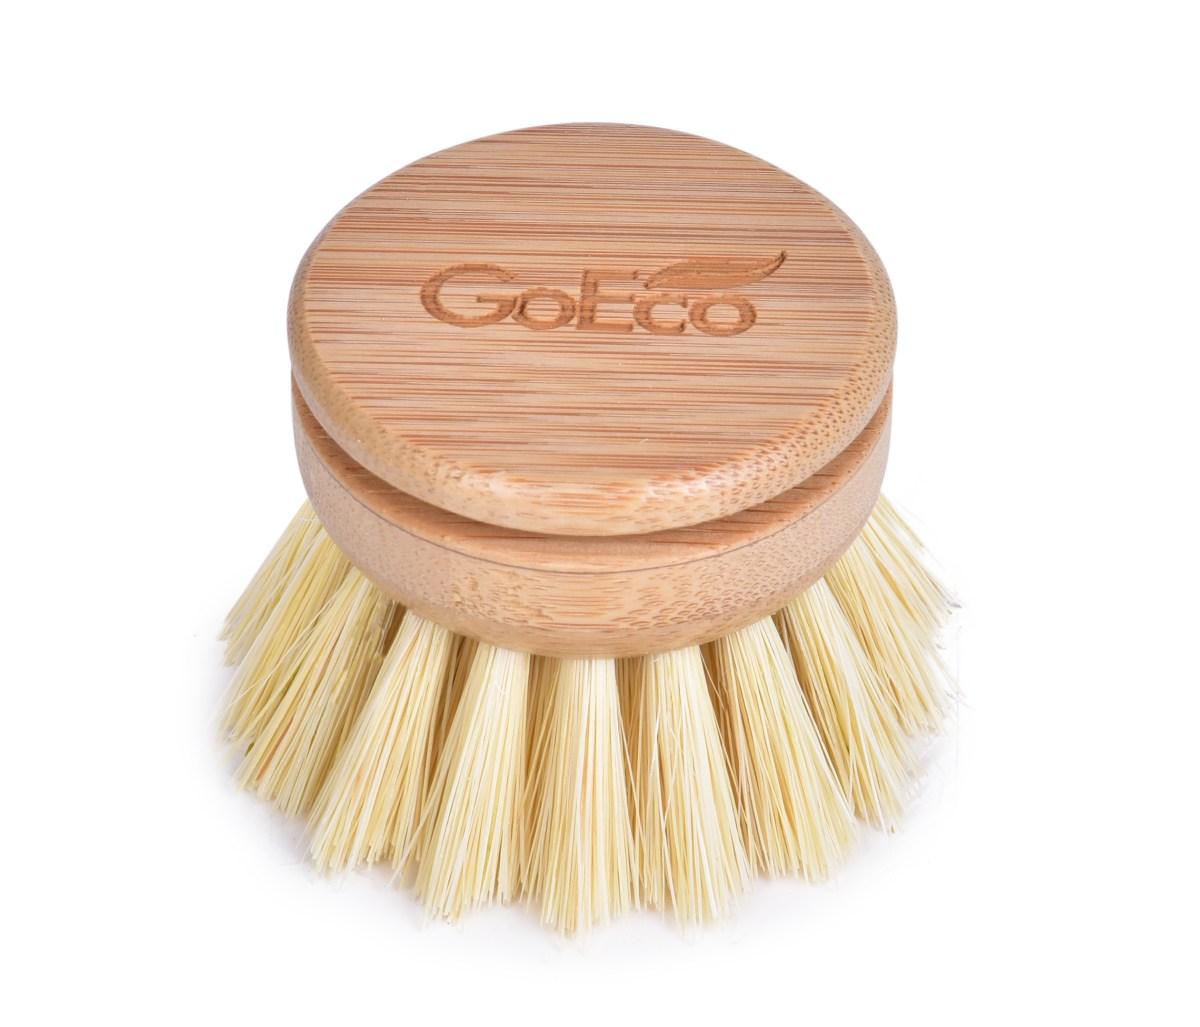 Náhradní hlavice/kulatý kartáč z bambusu se štětinami ze sisalových vláken